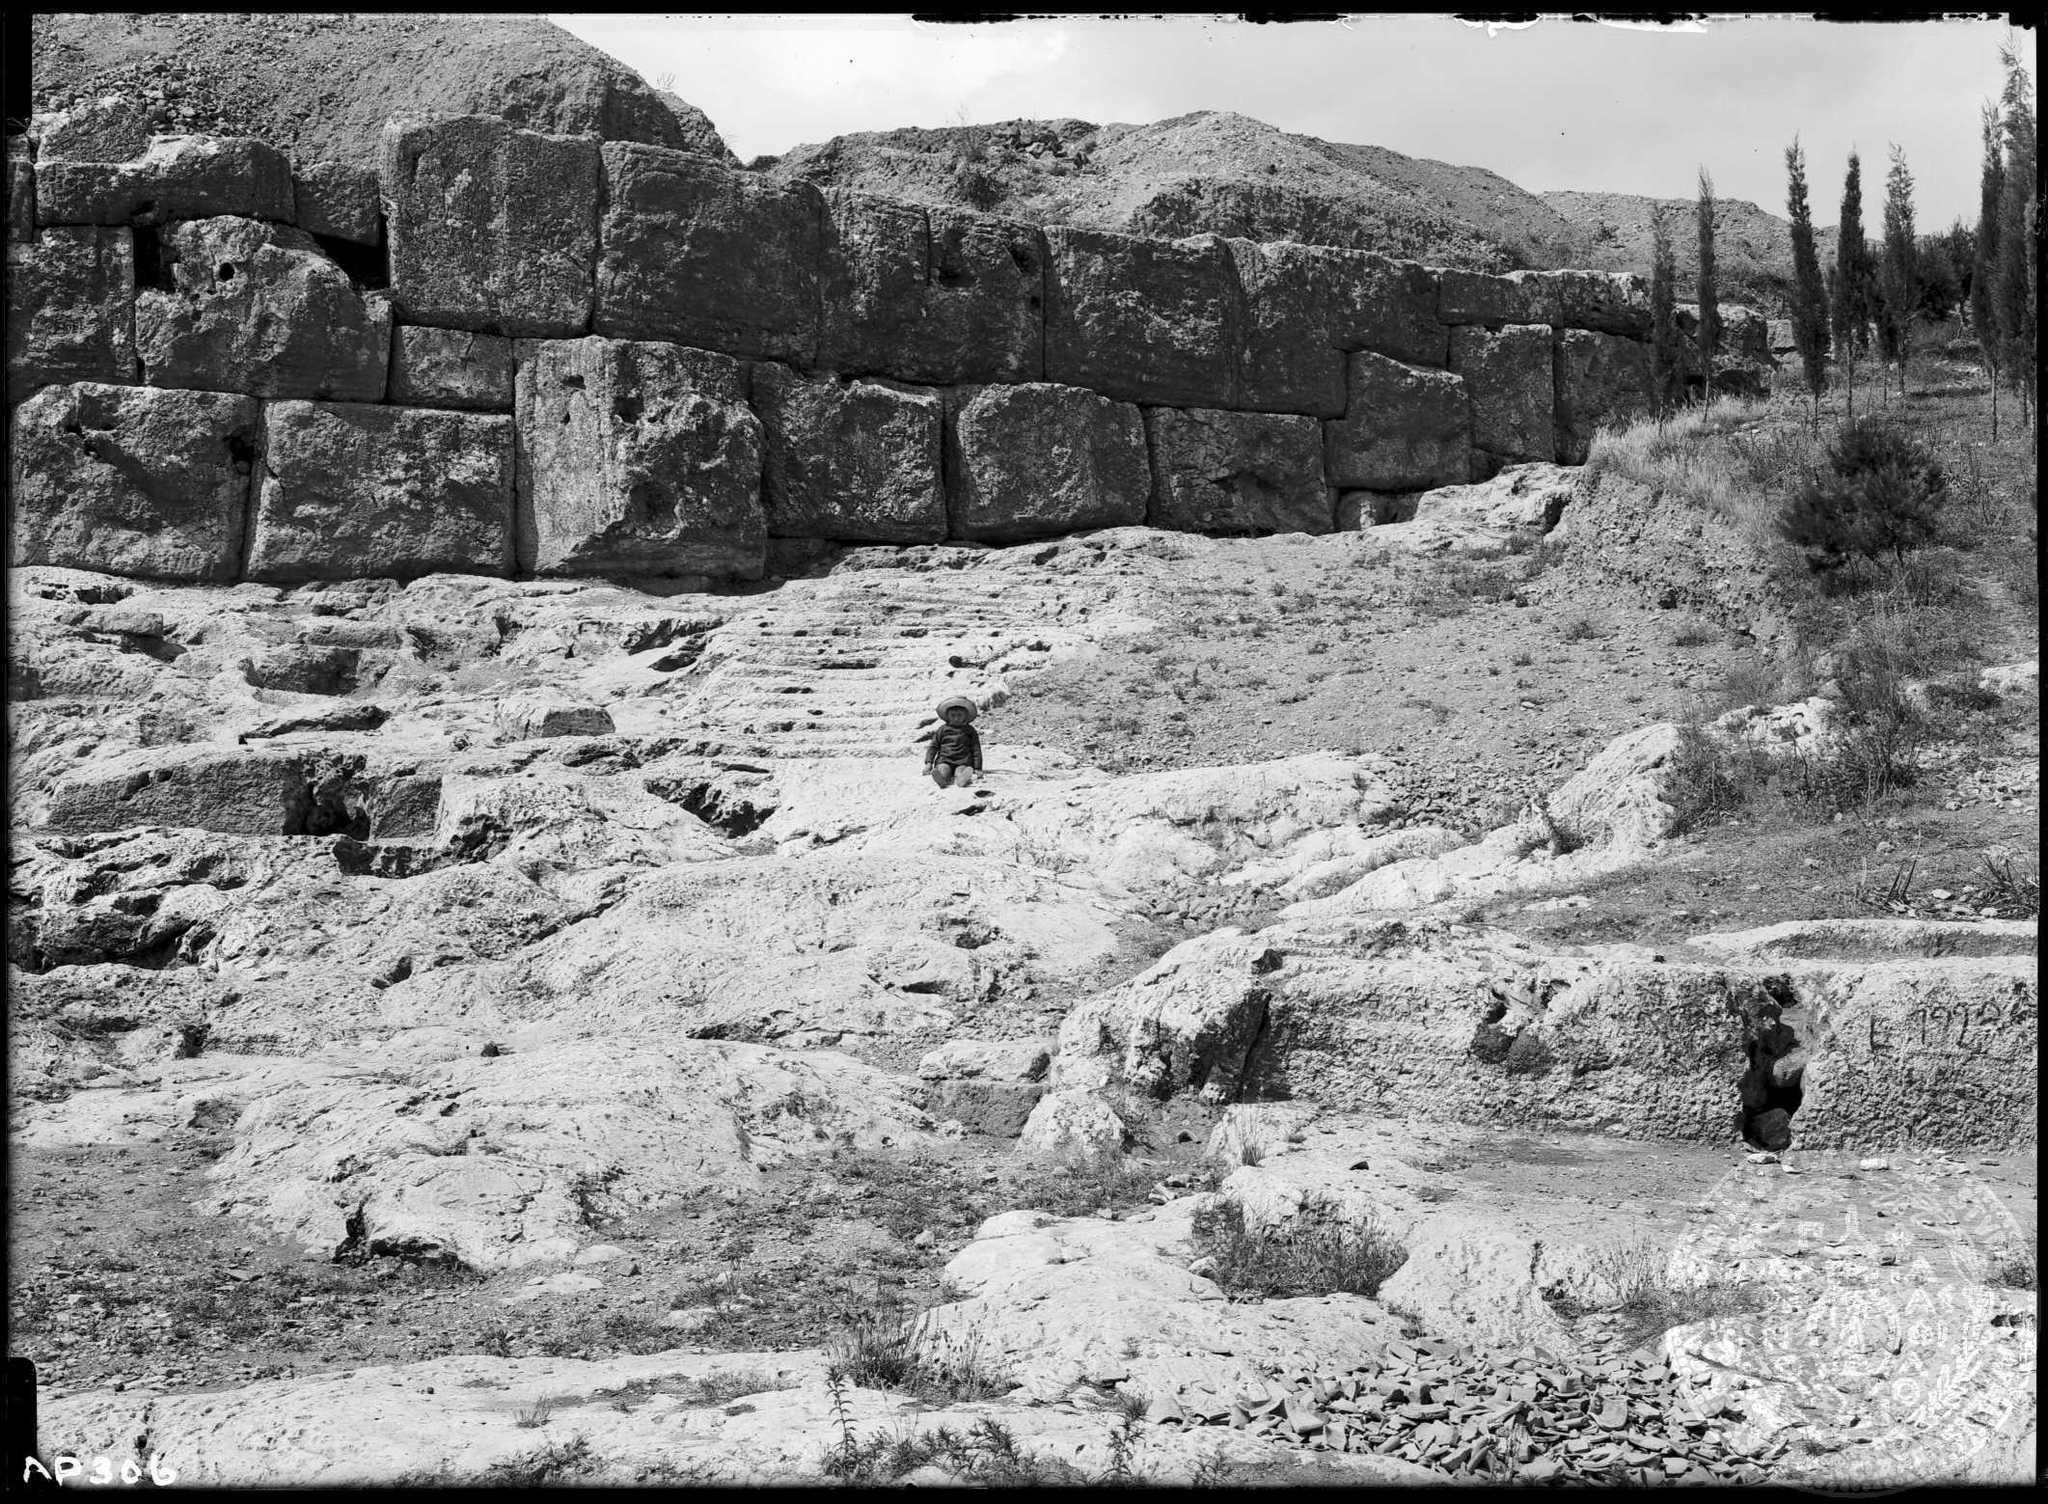 Η σιωπηρή συμφωνία του παρελθόντος με το παρόν στα σκαλοπάτια για την Πνύκα (Αμερικανική Σχολή Κλασικών Σπουδών στην Αθήνα, Αρχαιολογικό Φωτογραφικό Αρχείο, AP 0306).